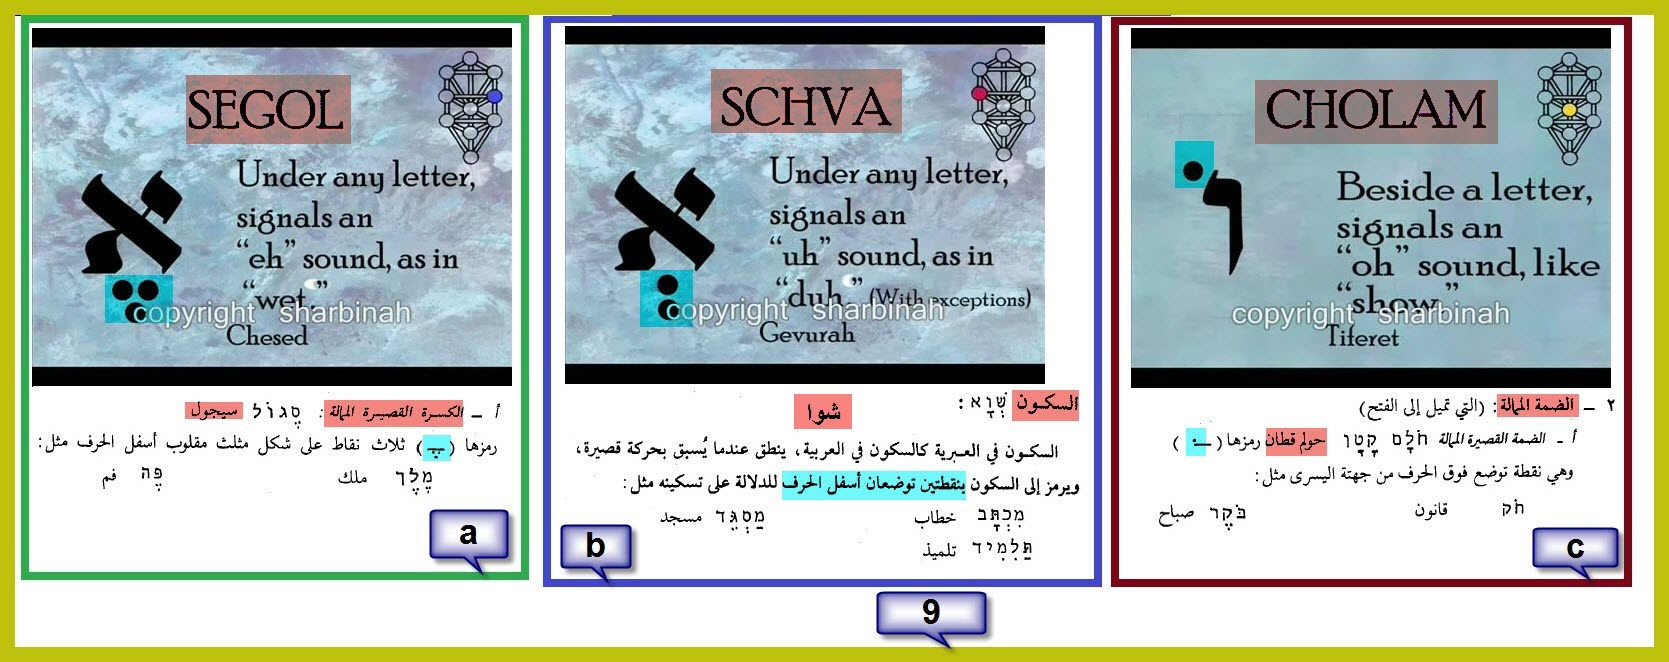 حركات الضبط اللغة العبرية